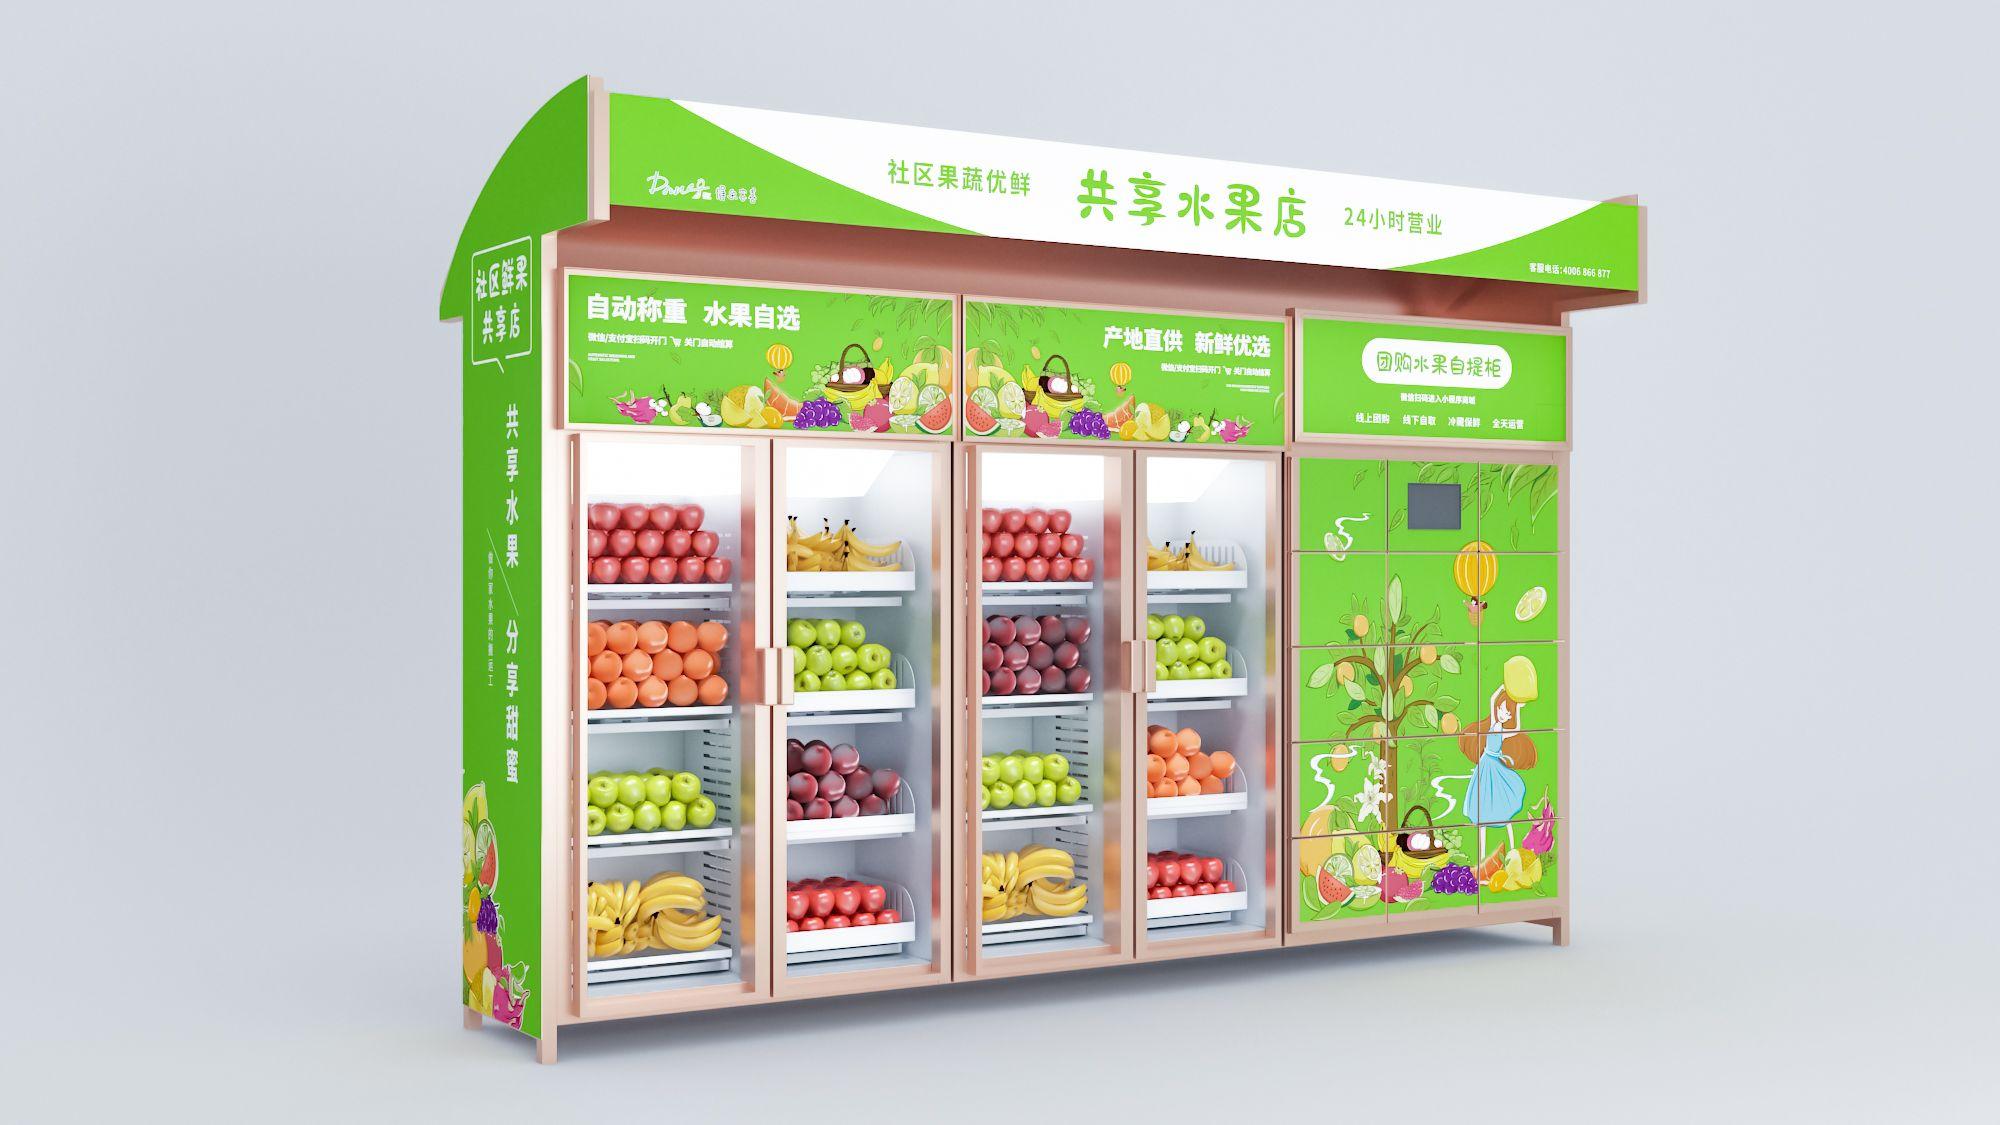 蚌埠自动水果售卖机视频